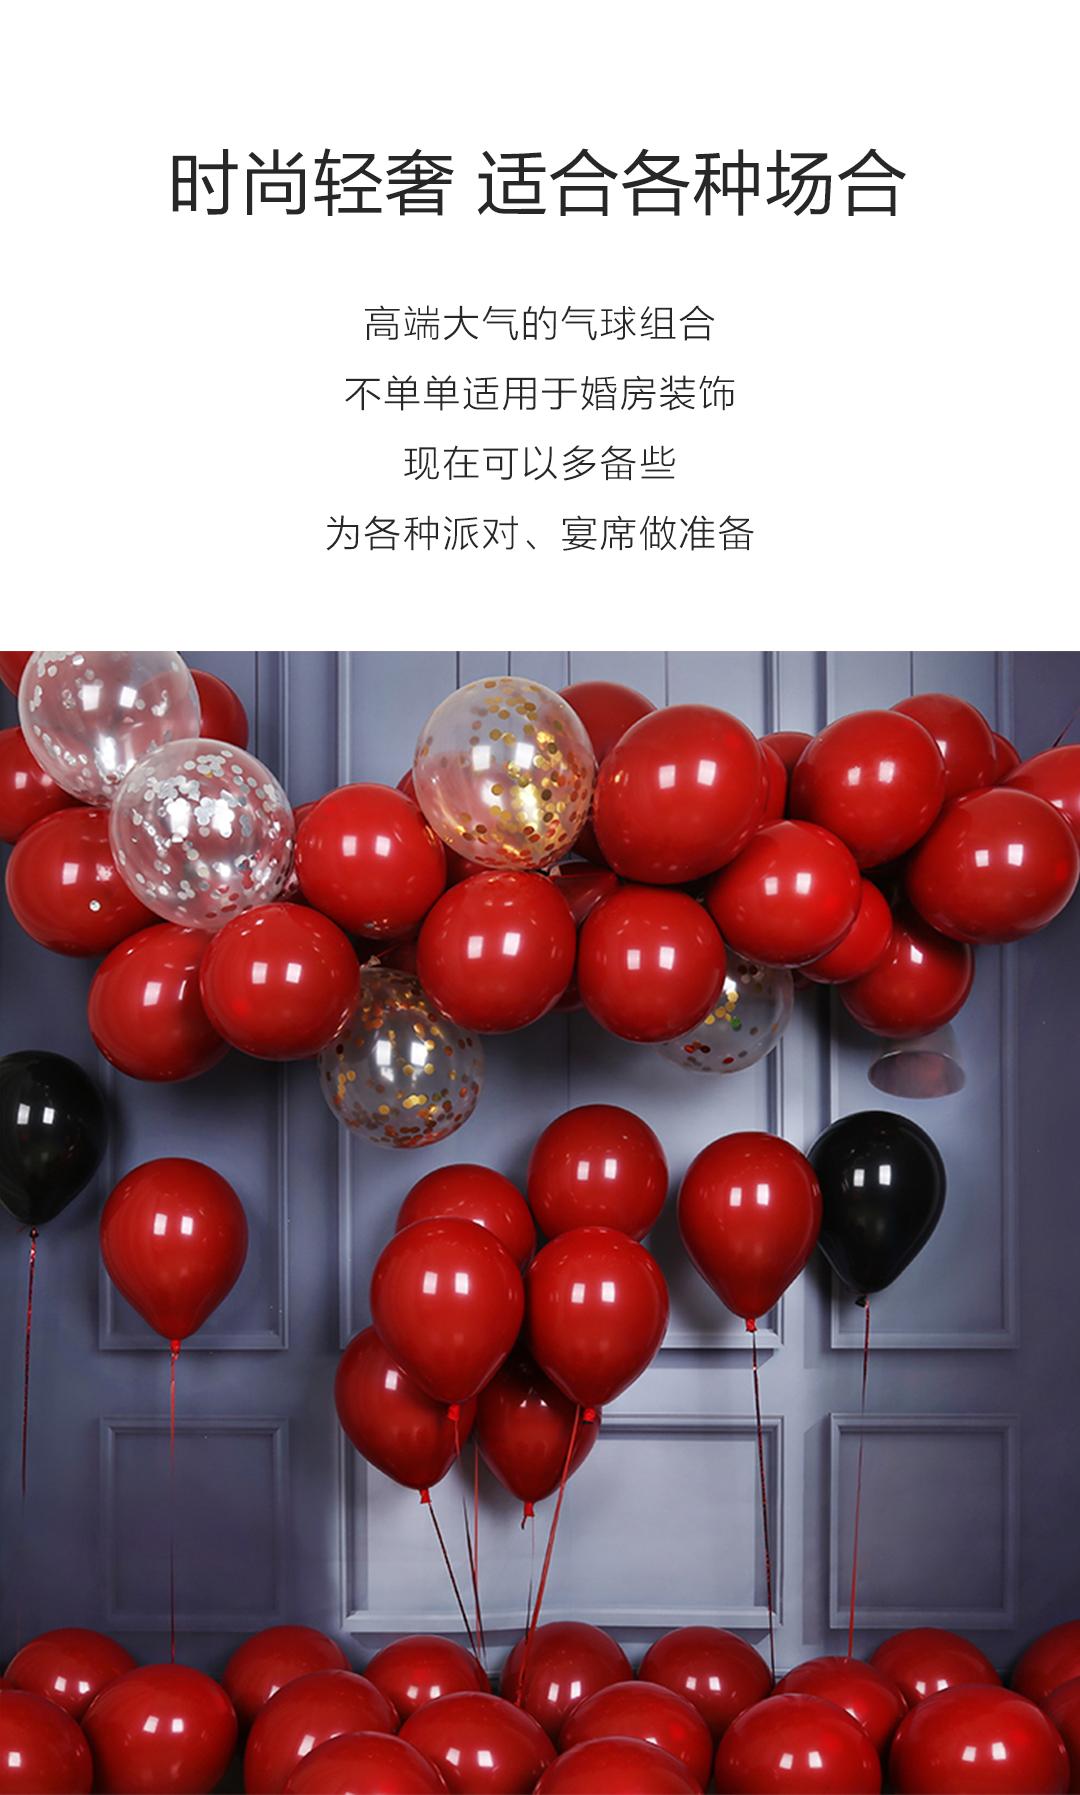 宝石红婚房气球装饰套装